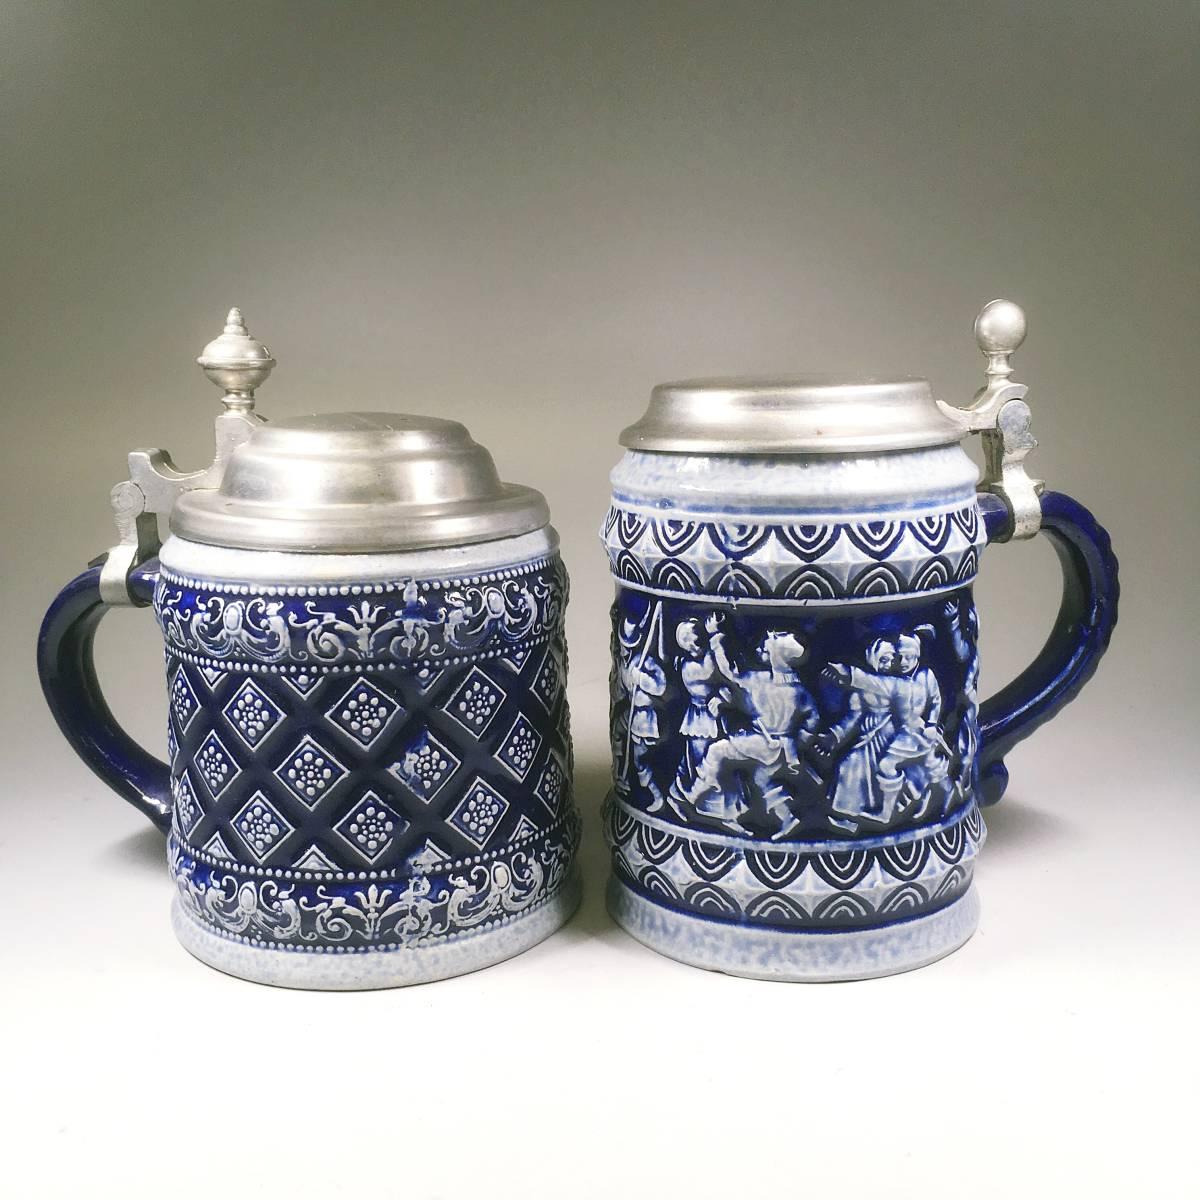 西ドイツ ビールジョッキ ビアグラス 2個セット 彫刻 ドイツスタイル 陶器製 グラス 蓋付 酒器_画像2